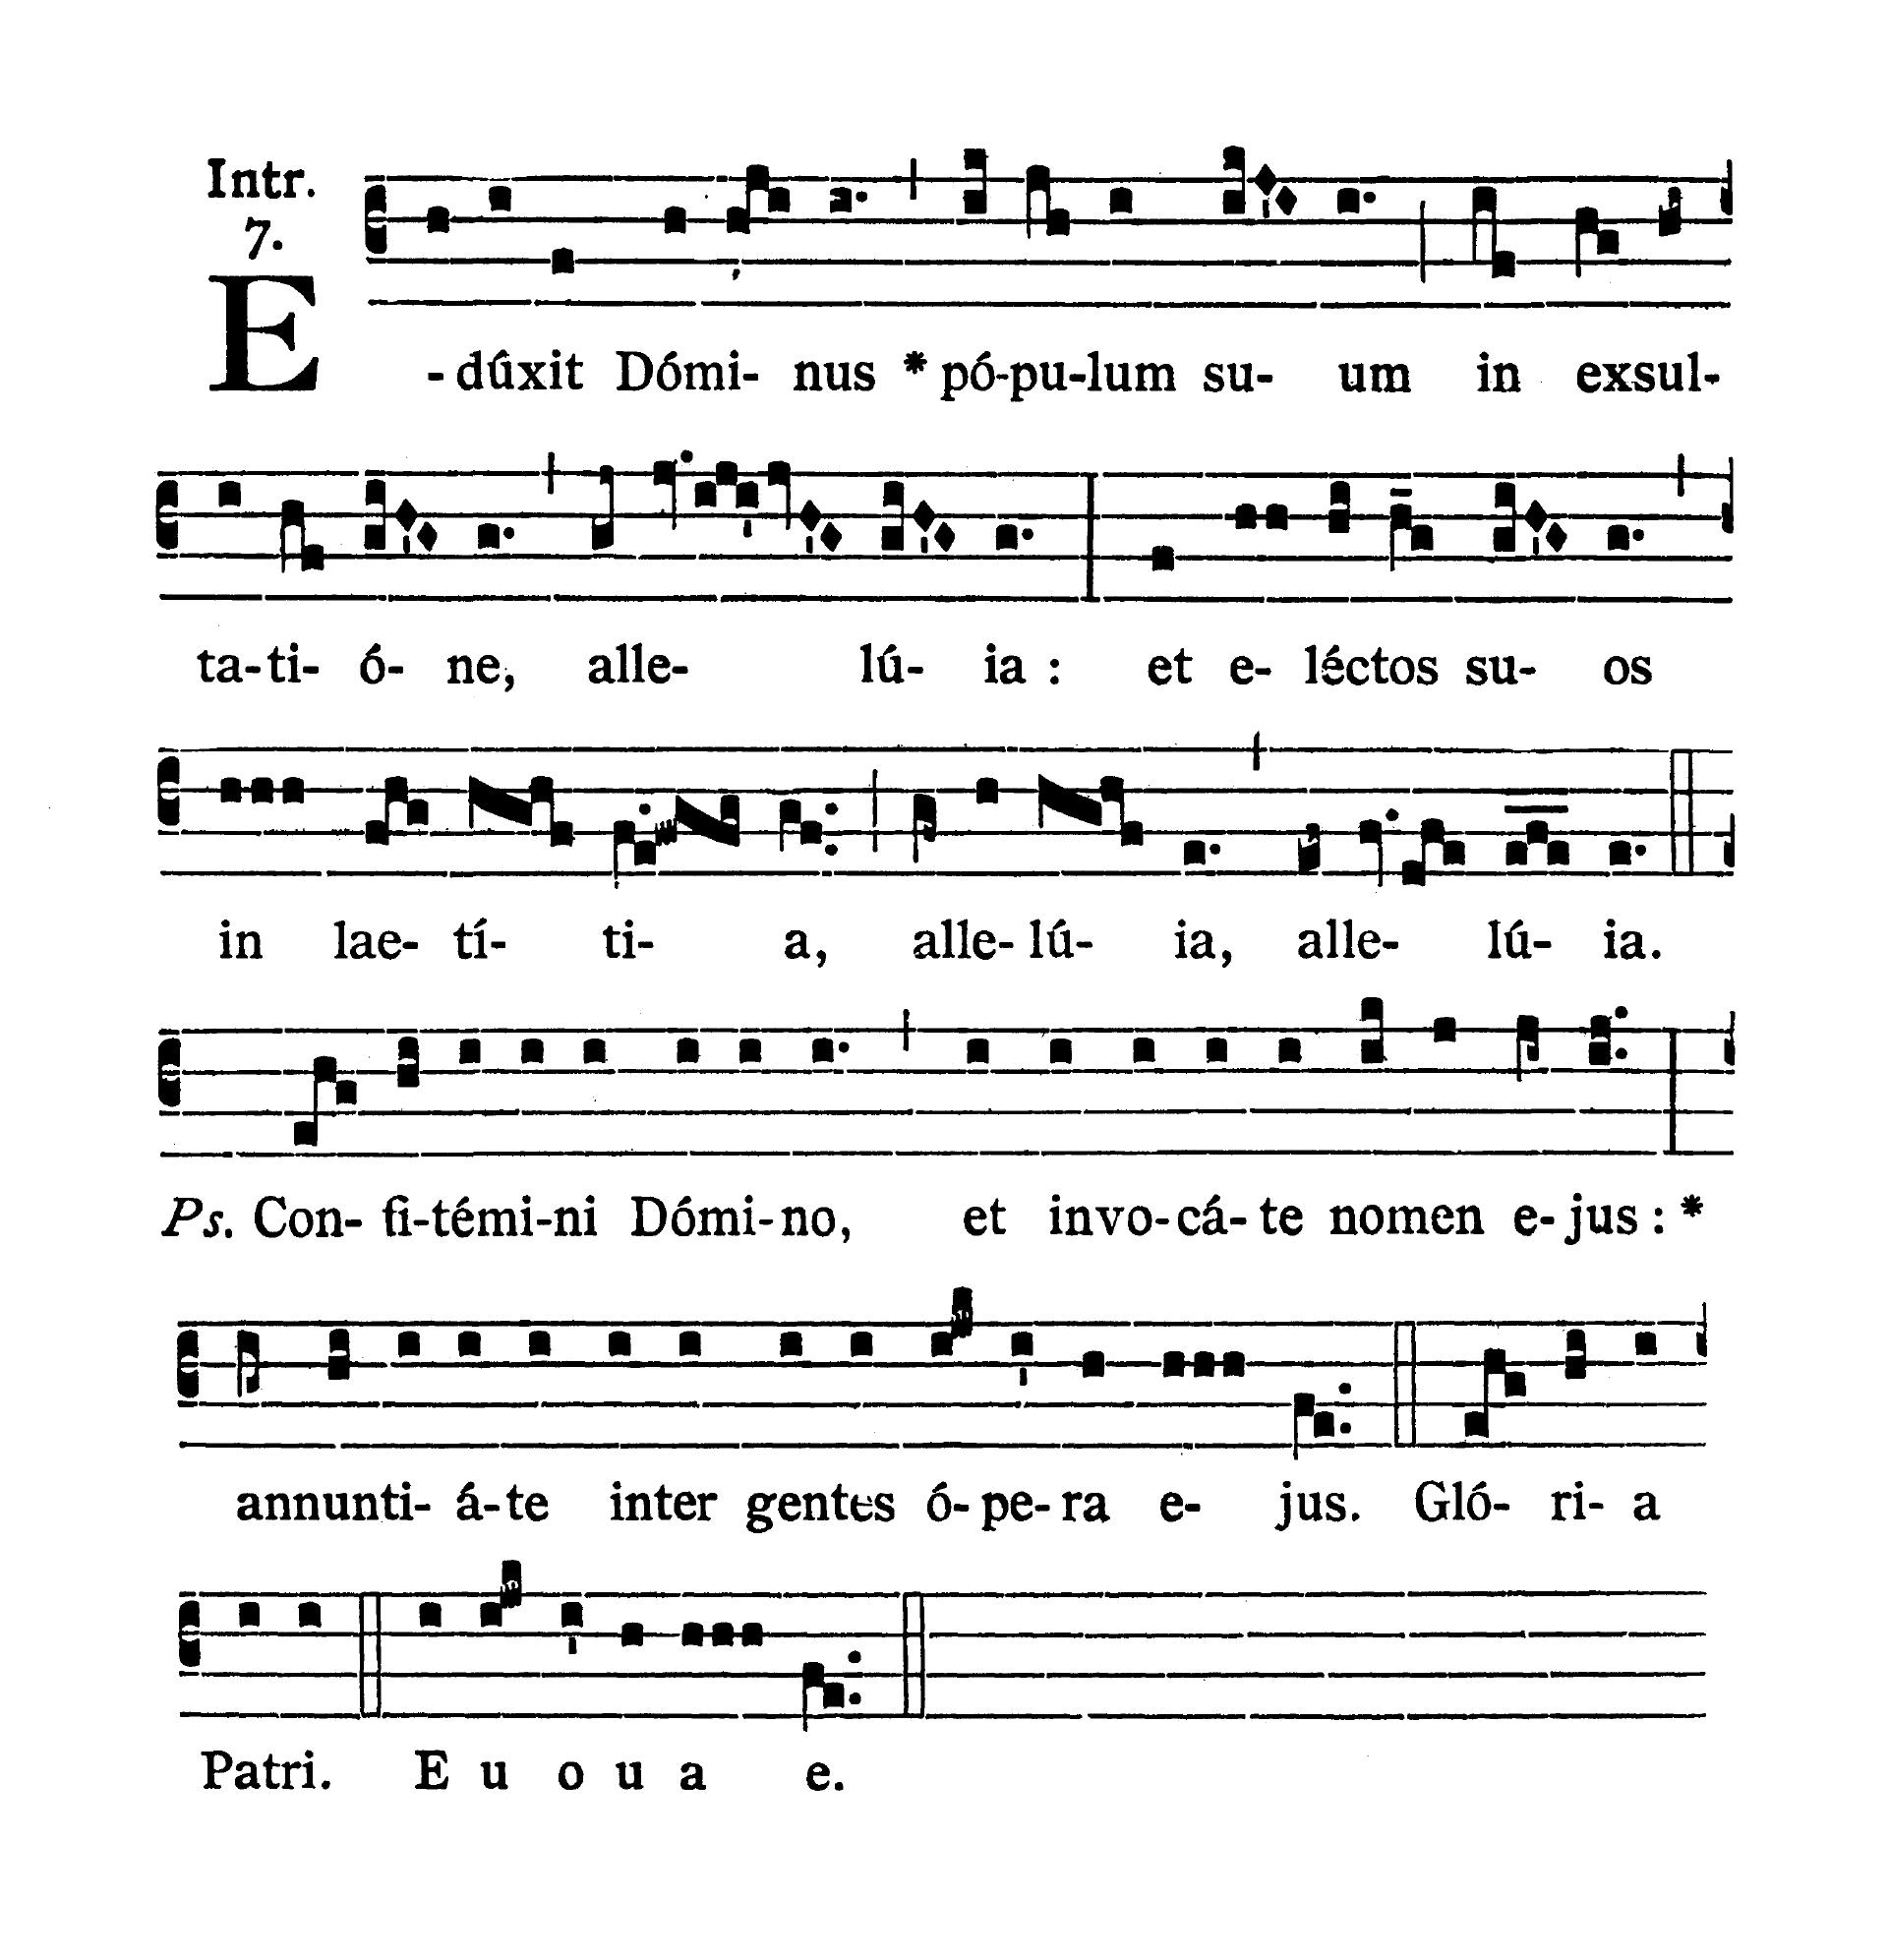 Sabbato in Albis (Biała sobota) - Introitus (Eduxit Dominus)